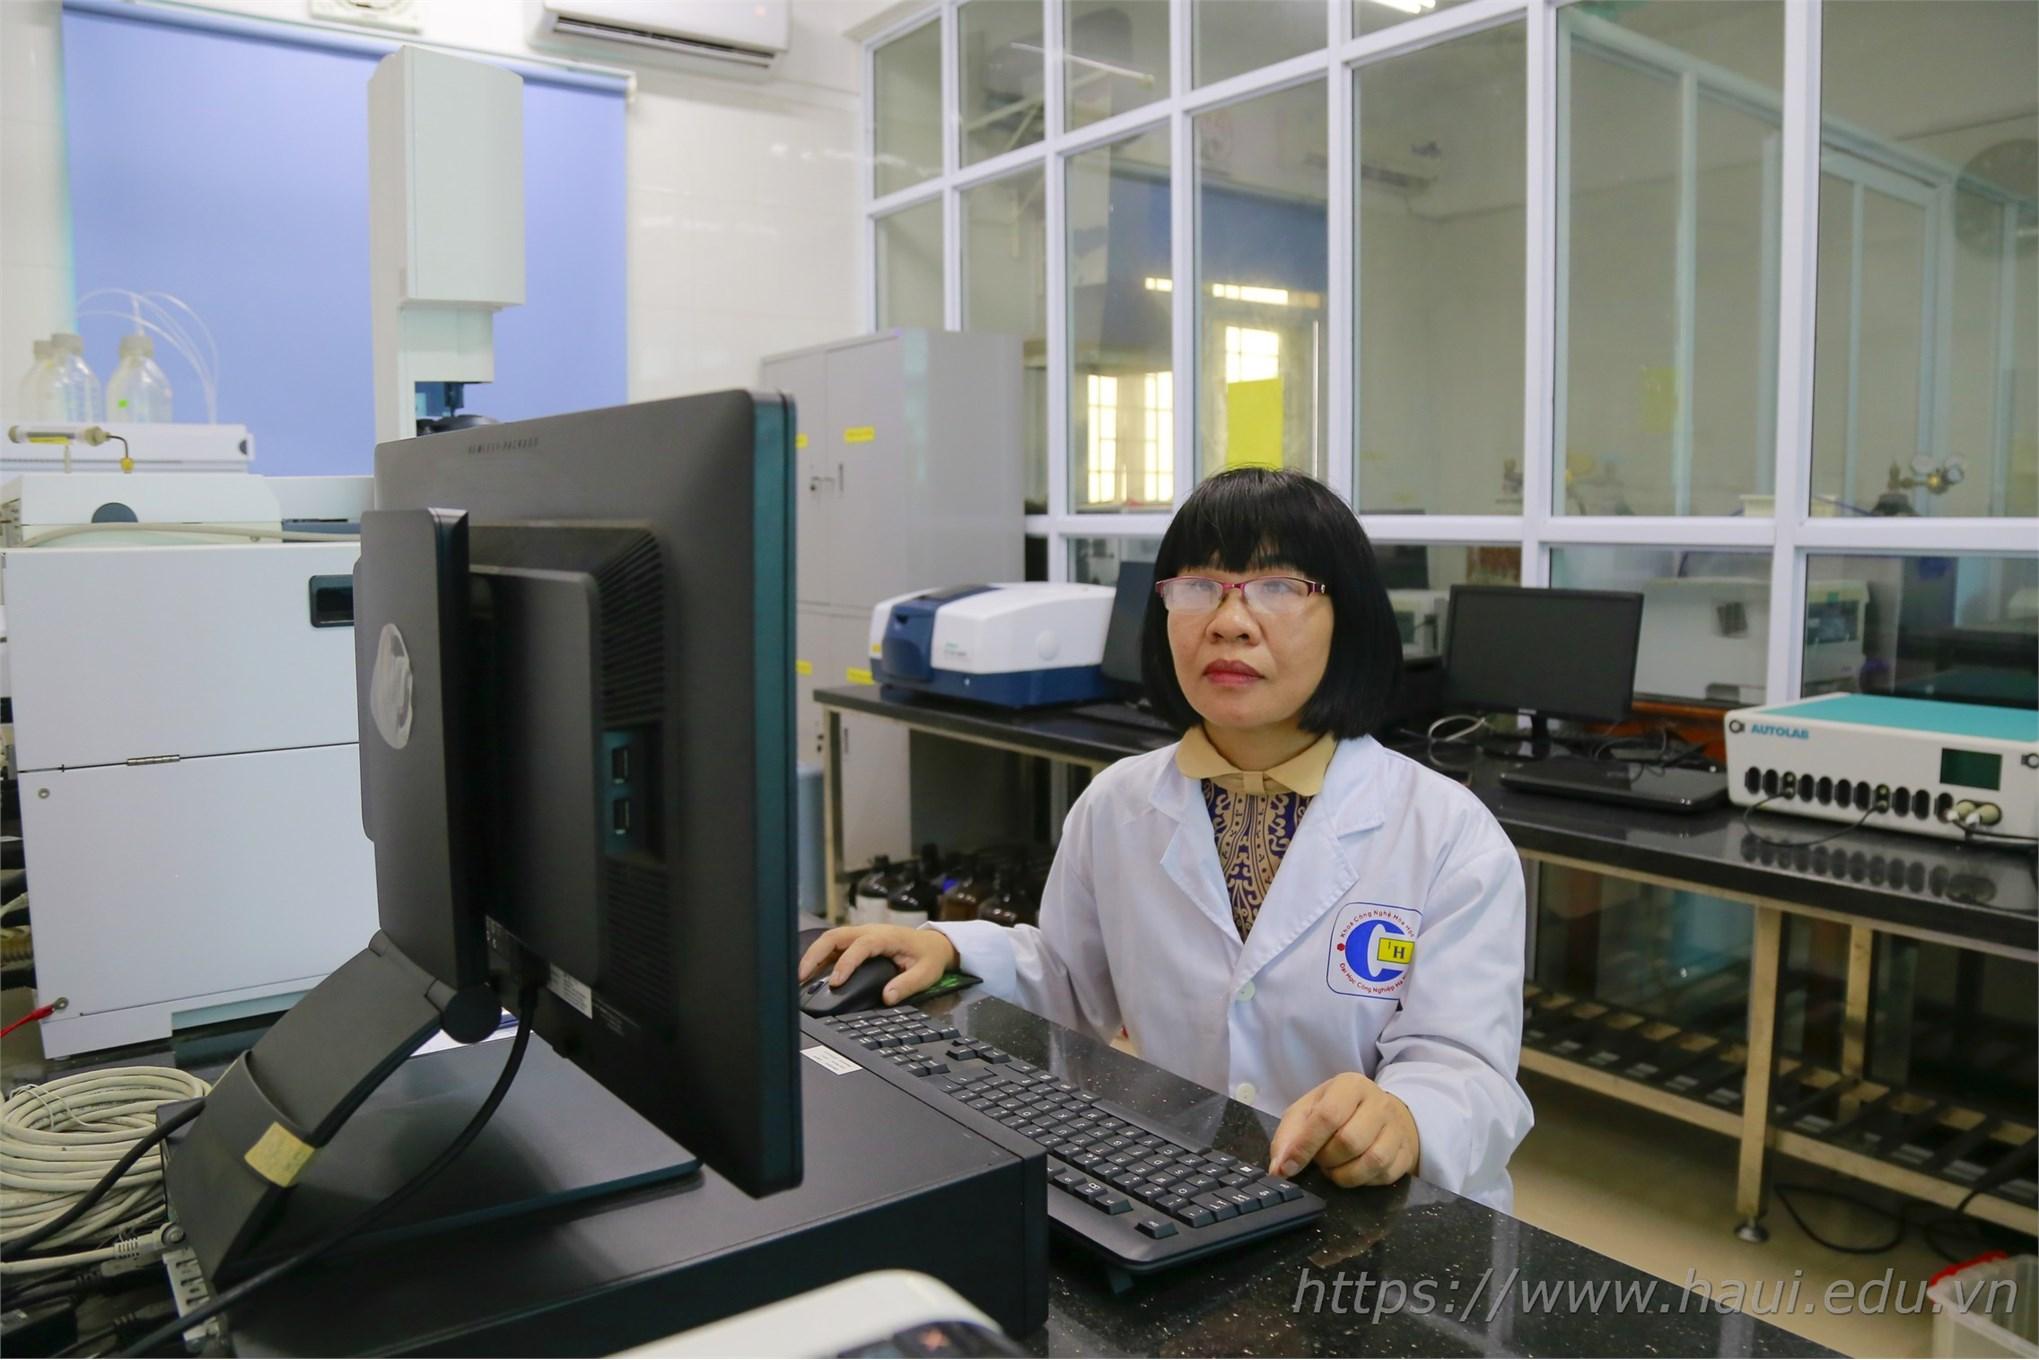 PGS.TS. Nguyễn Thị Thanh Mai - Nữ giảng viên đam mê khoa học và tâm hồn thi sĩ